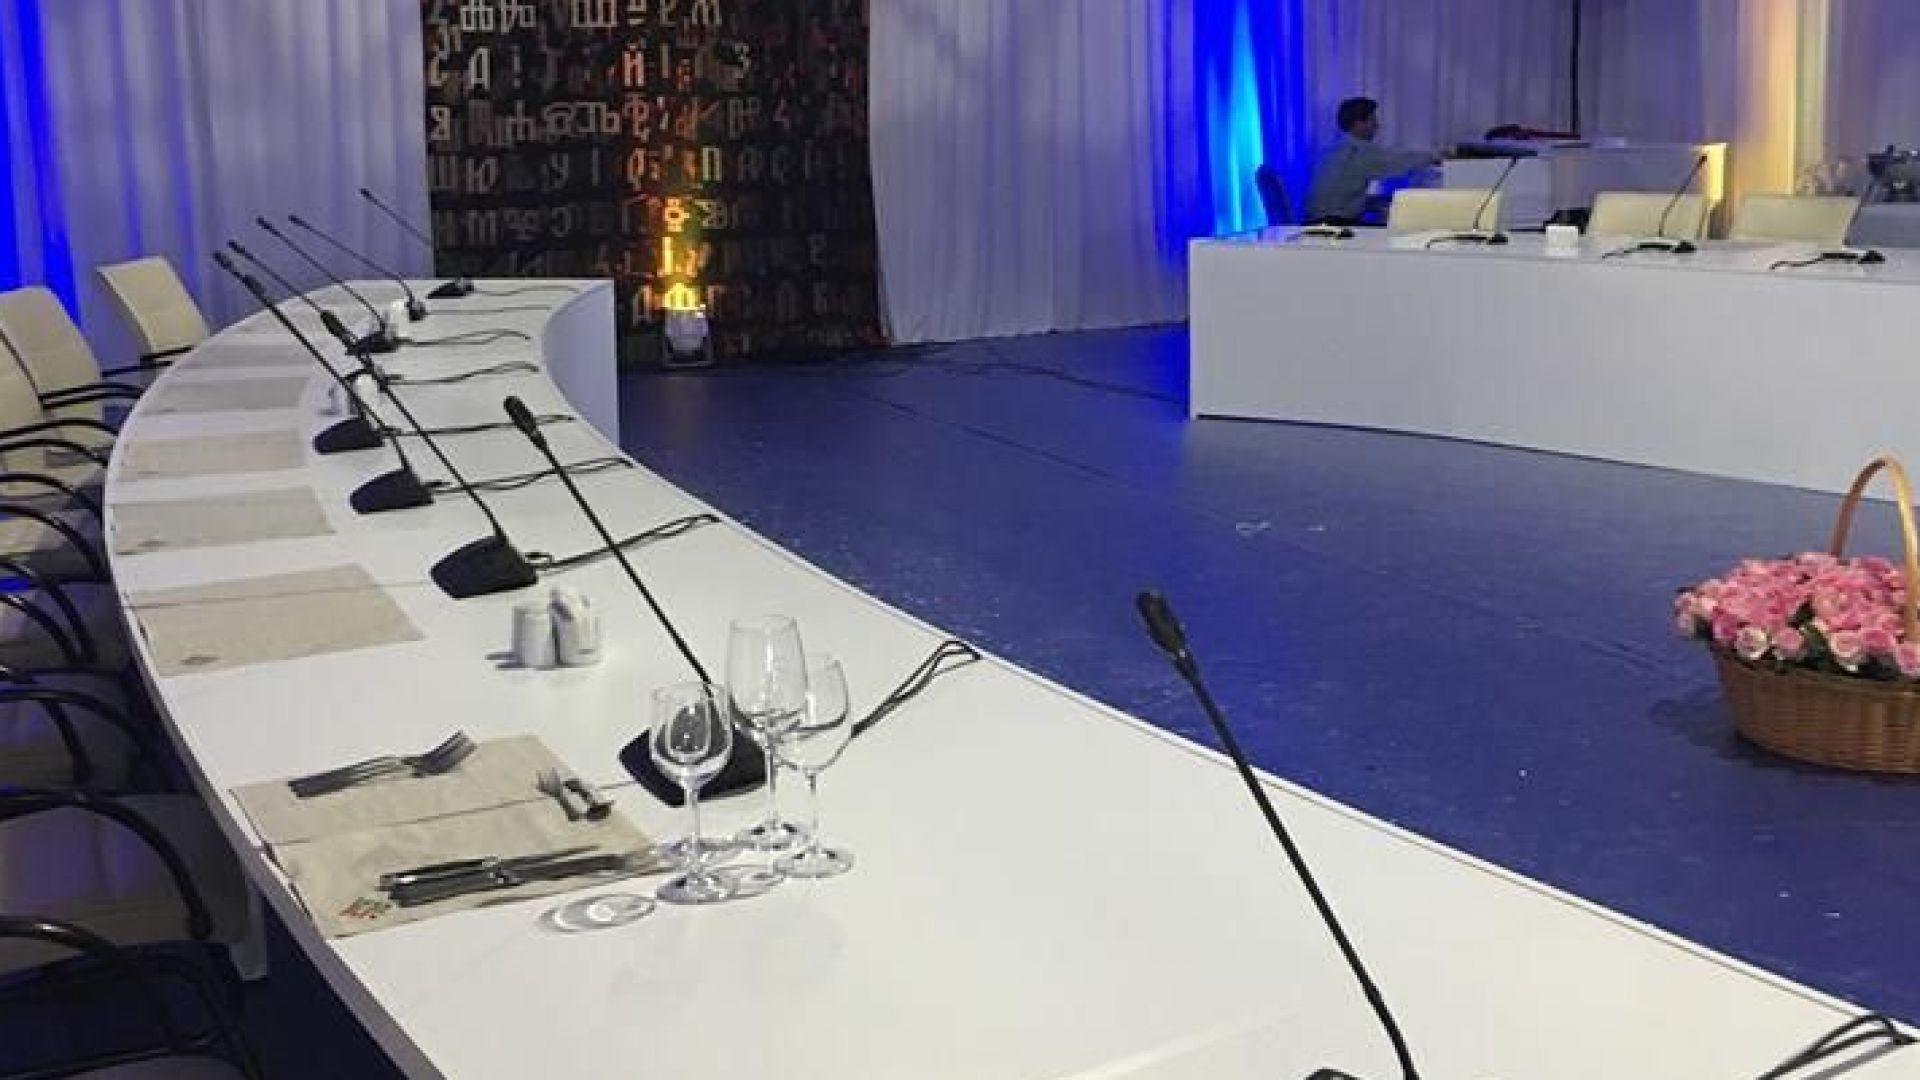 Лидерите на ЕС се събират на маса от рециклиран картон в София (снимки)